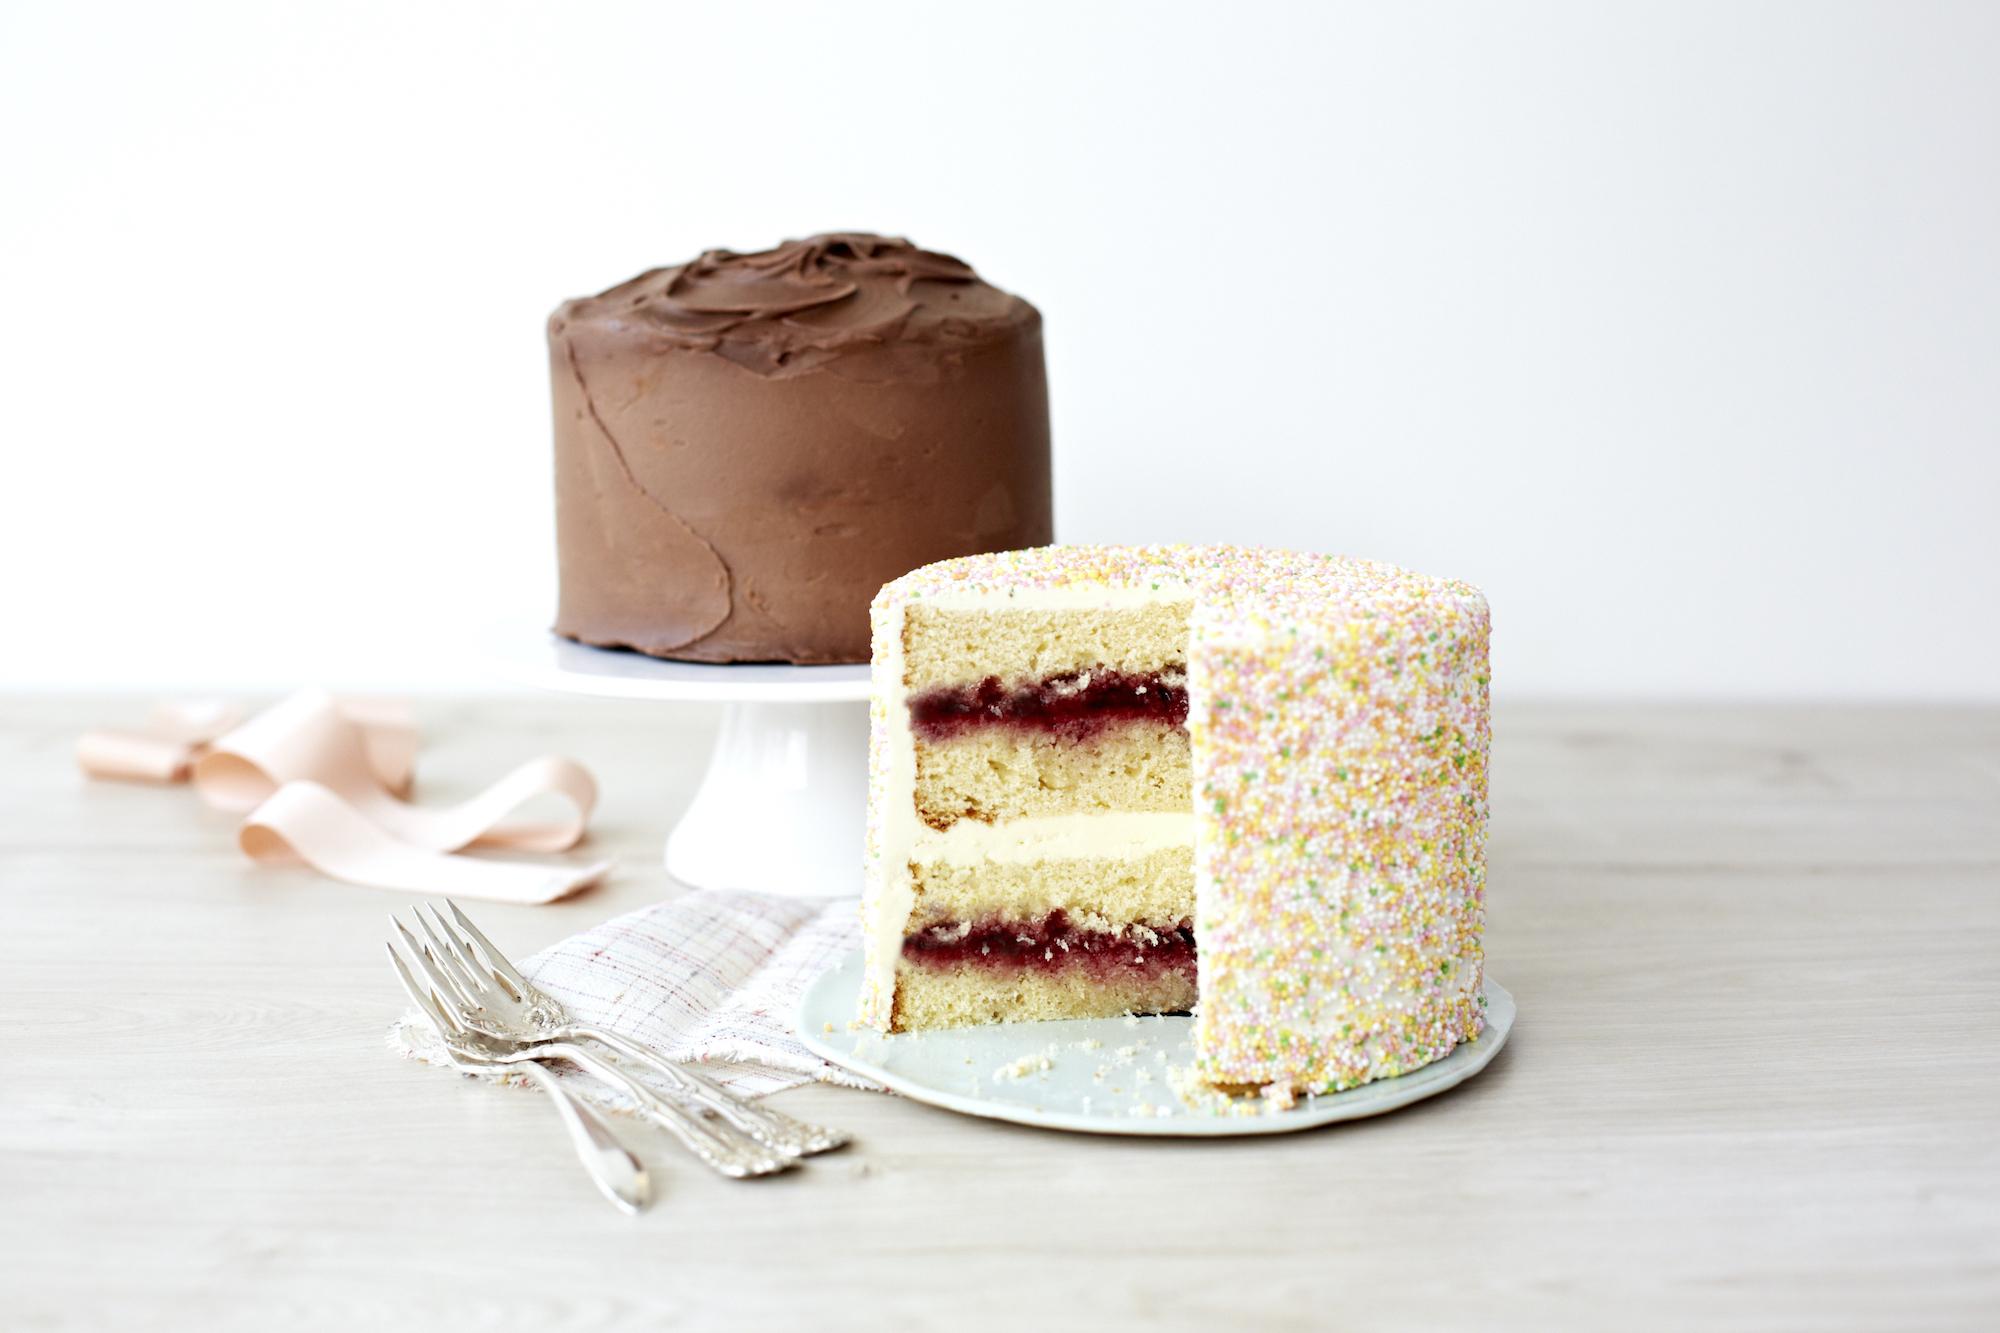 Beide 15 cm Kuchen angeschnitten